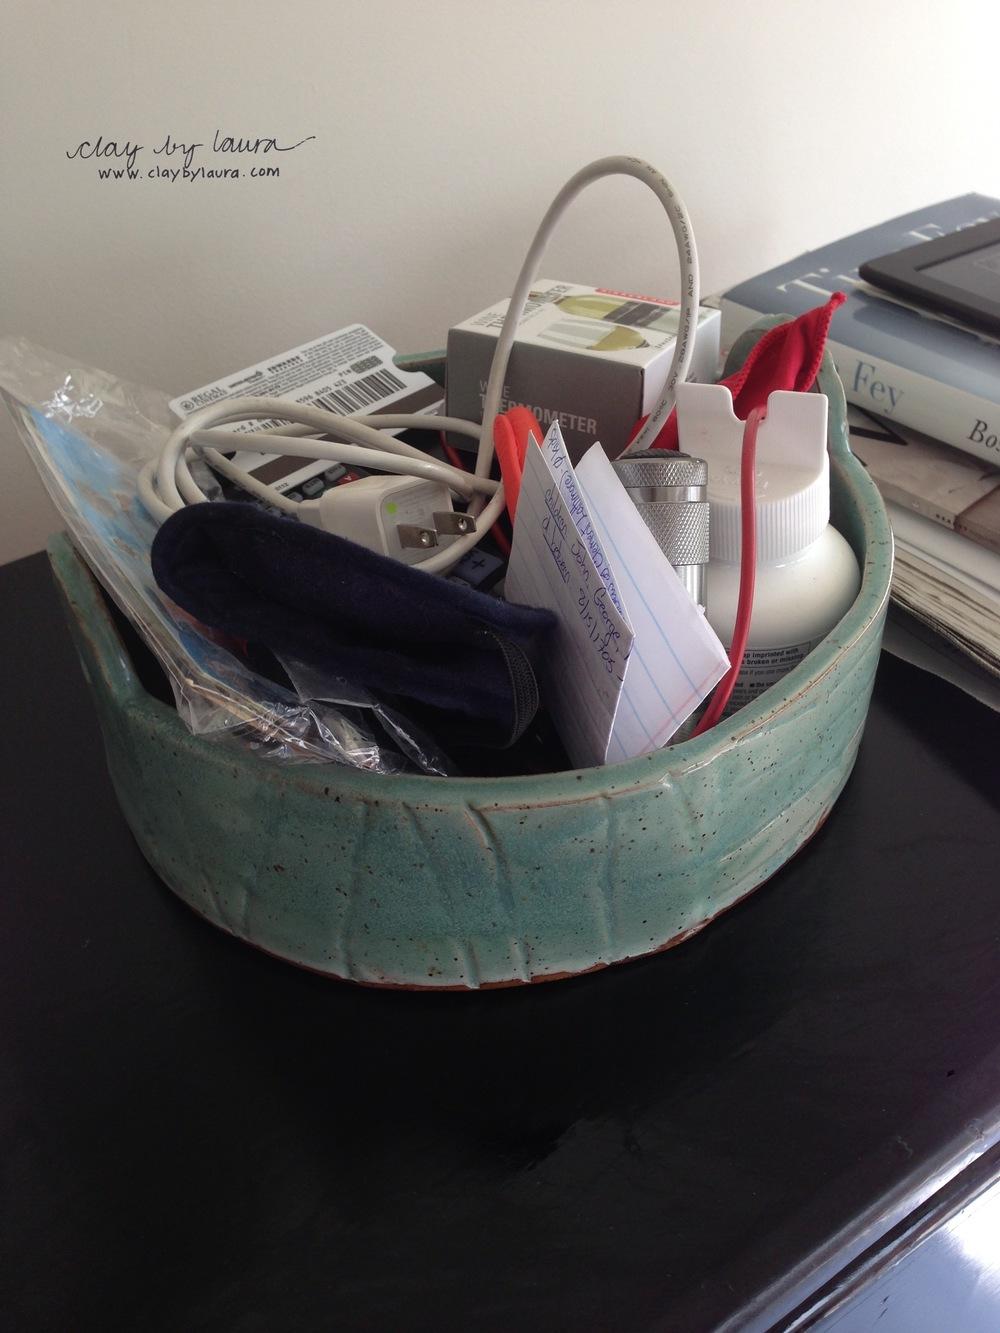 Bowls can help de-clutter.